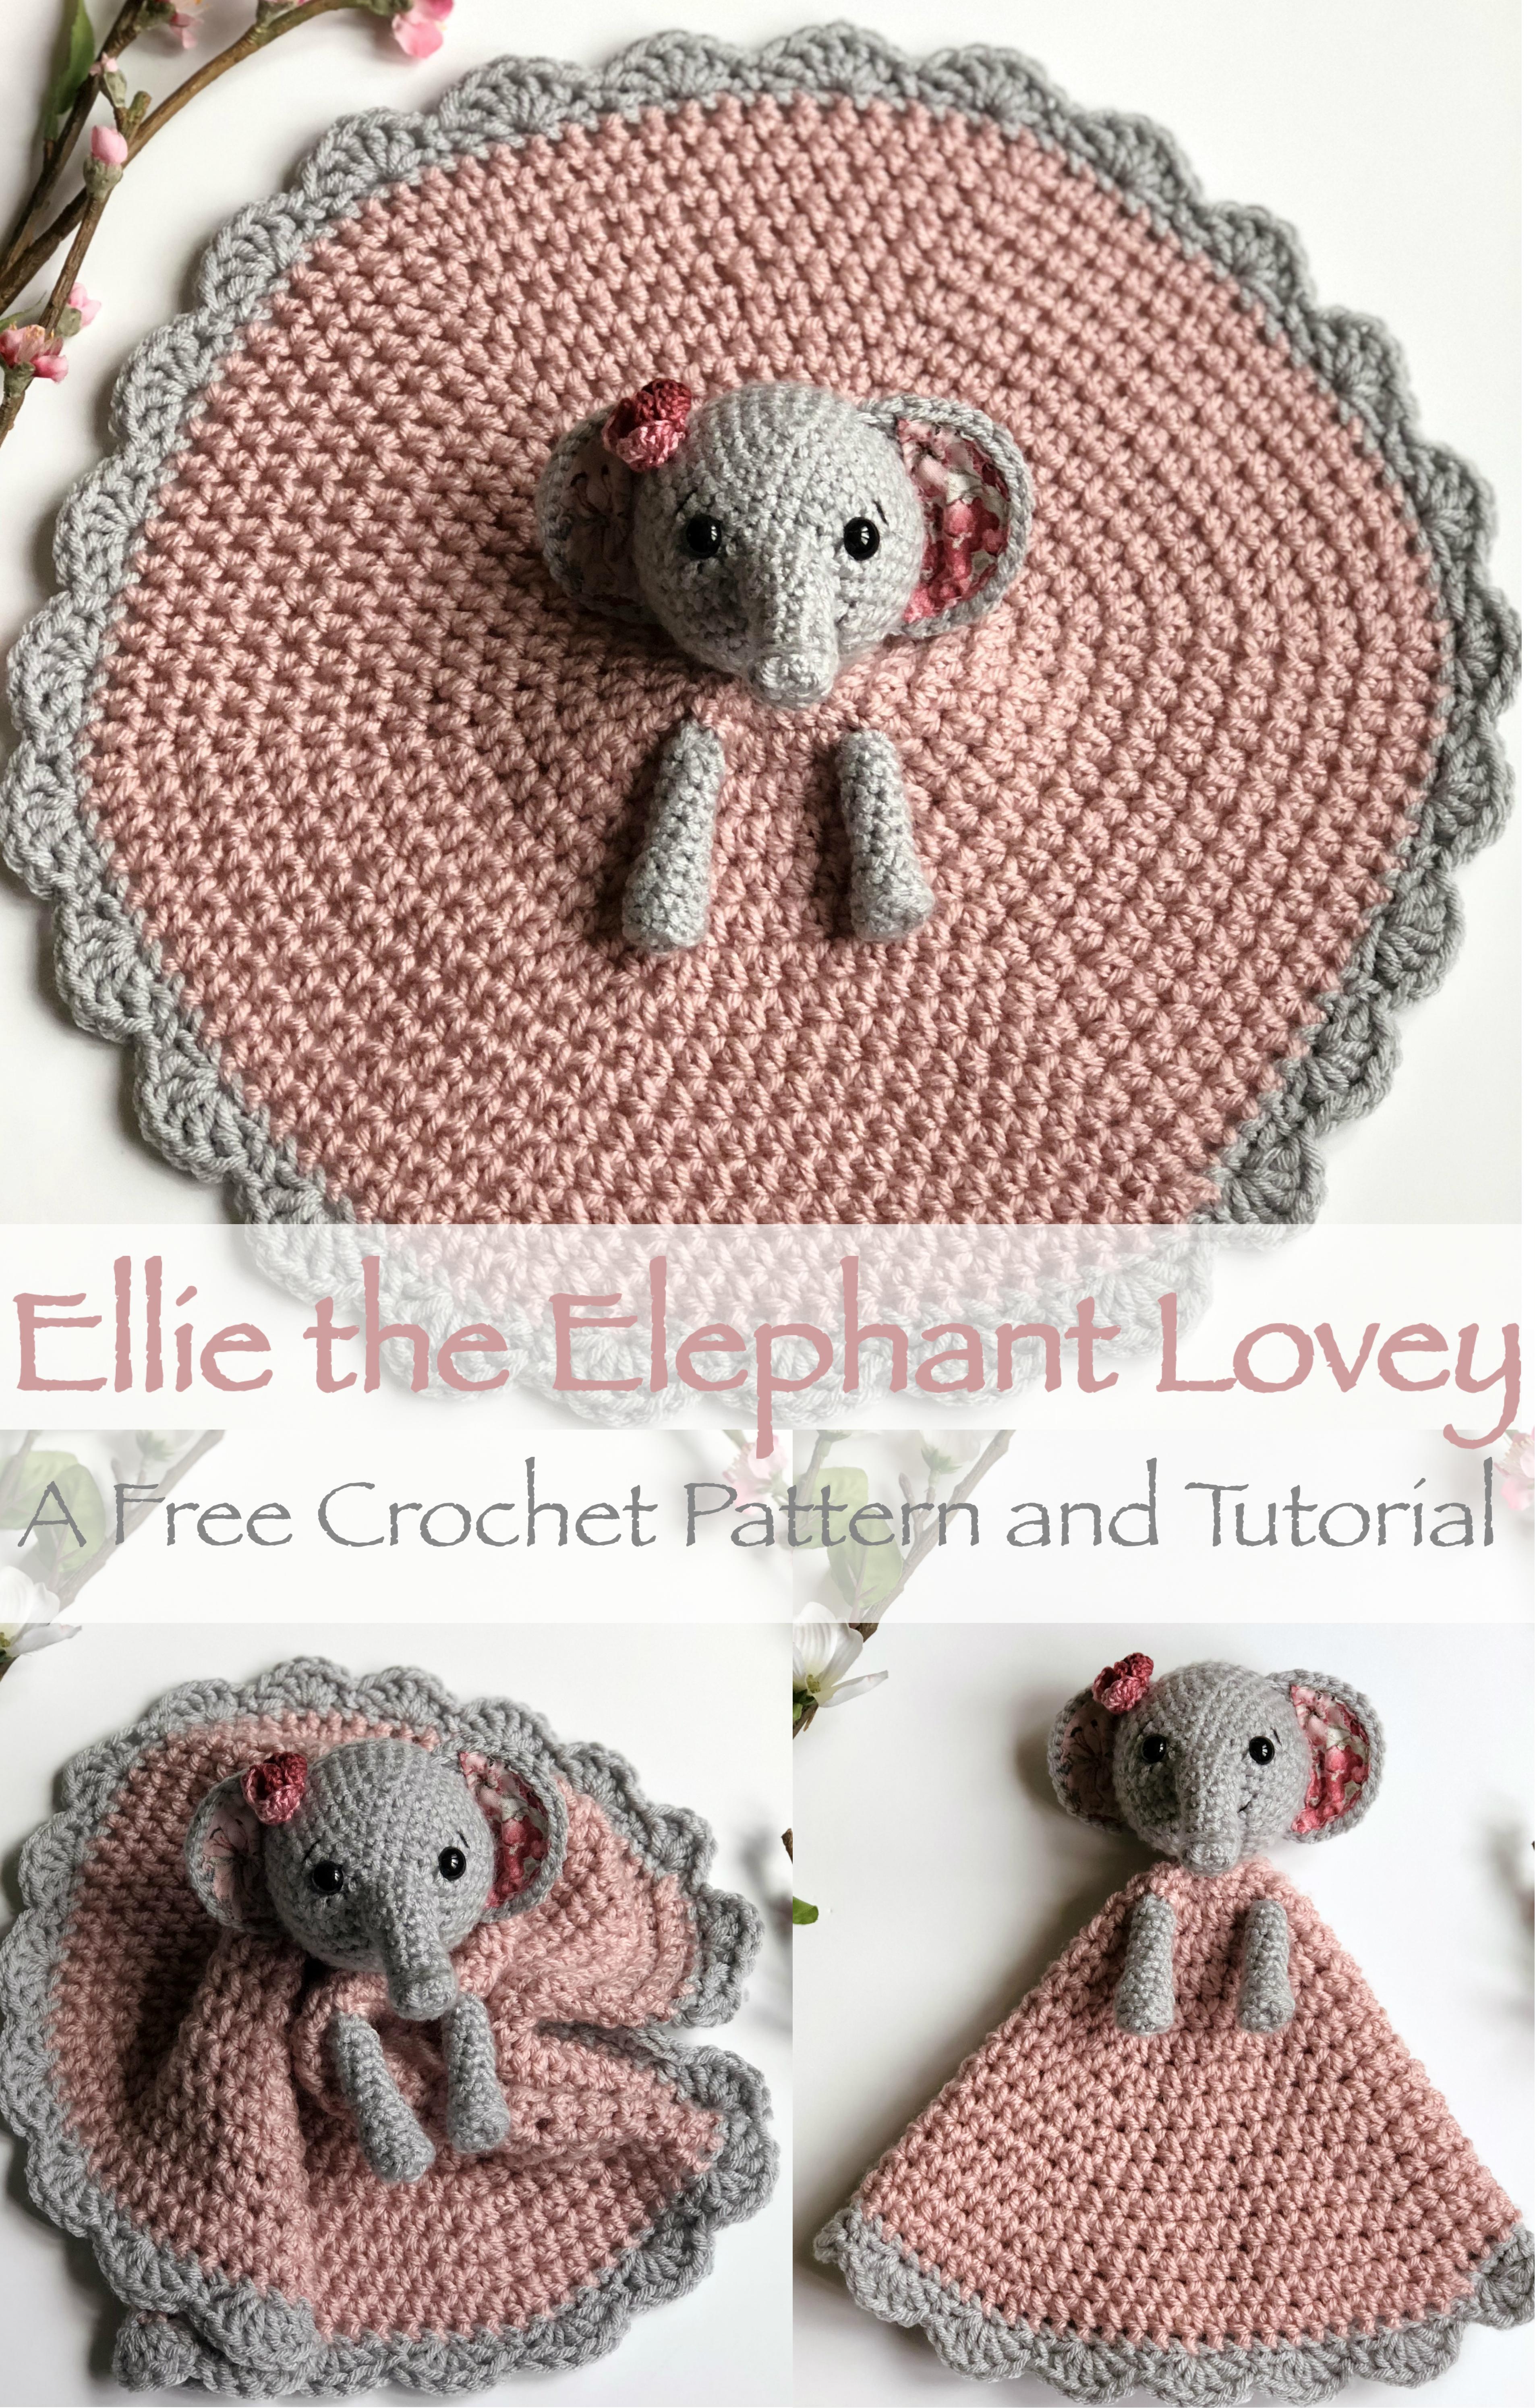 Ellie the Elephant .jpg